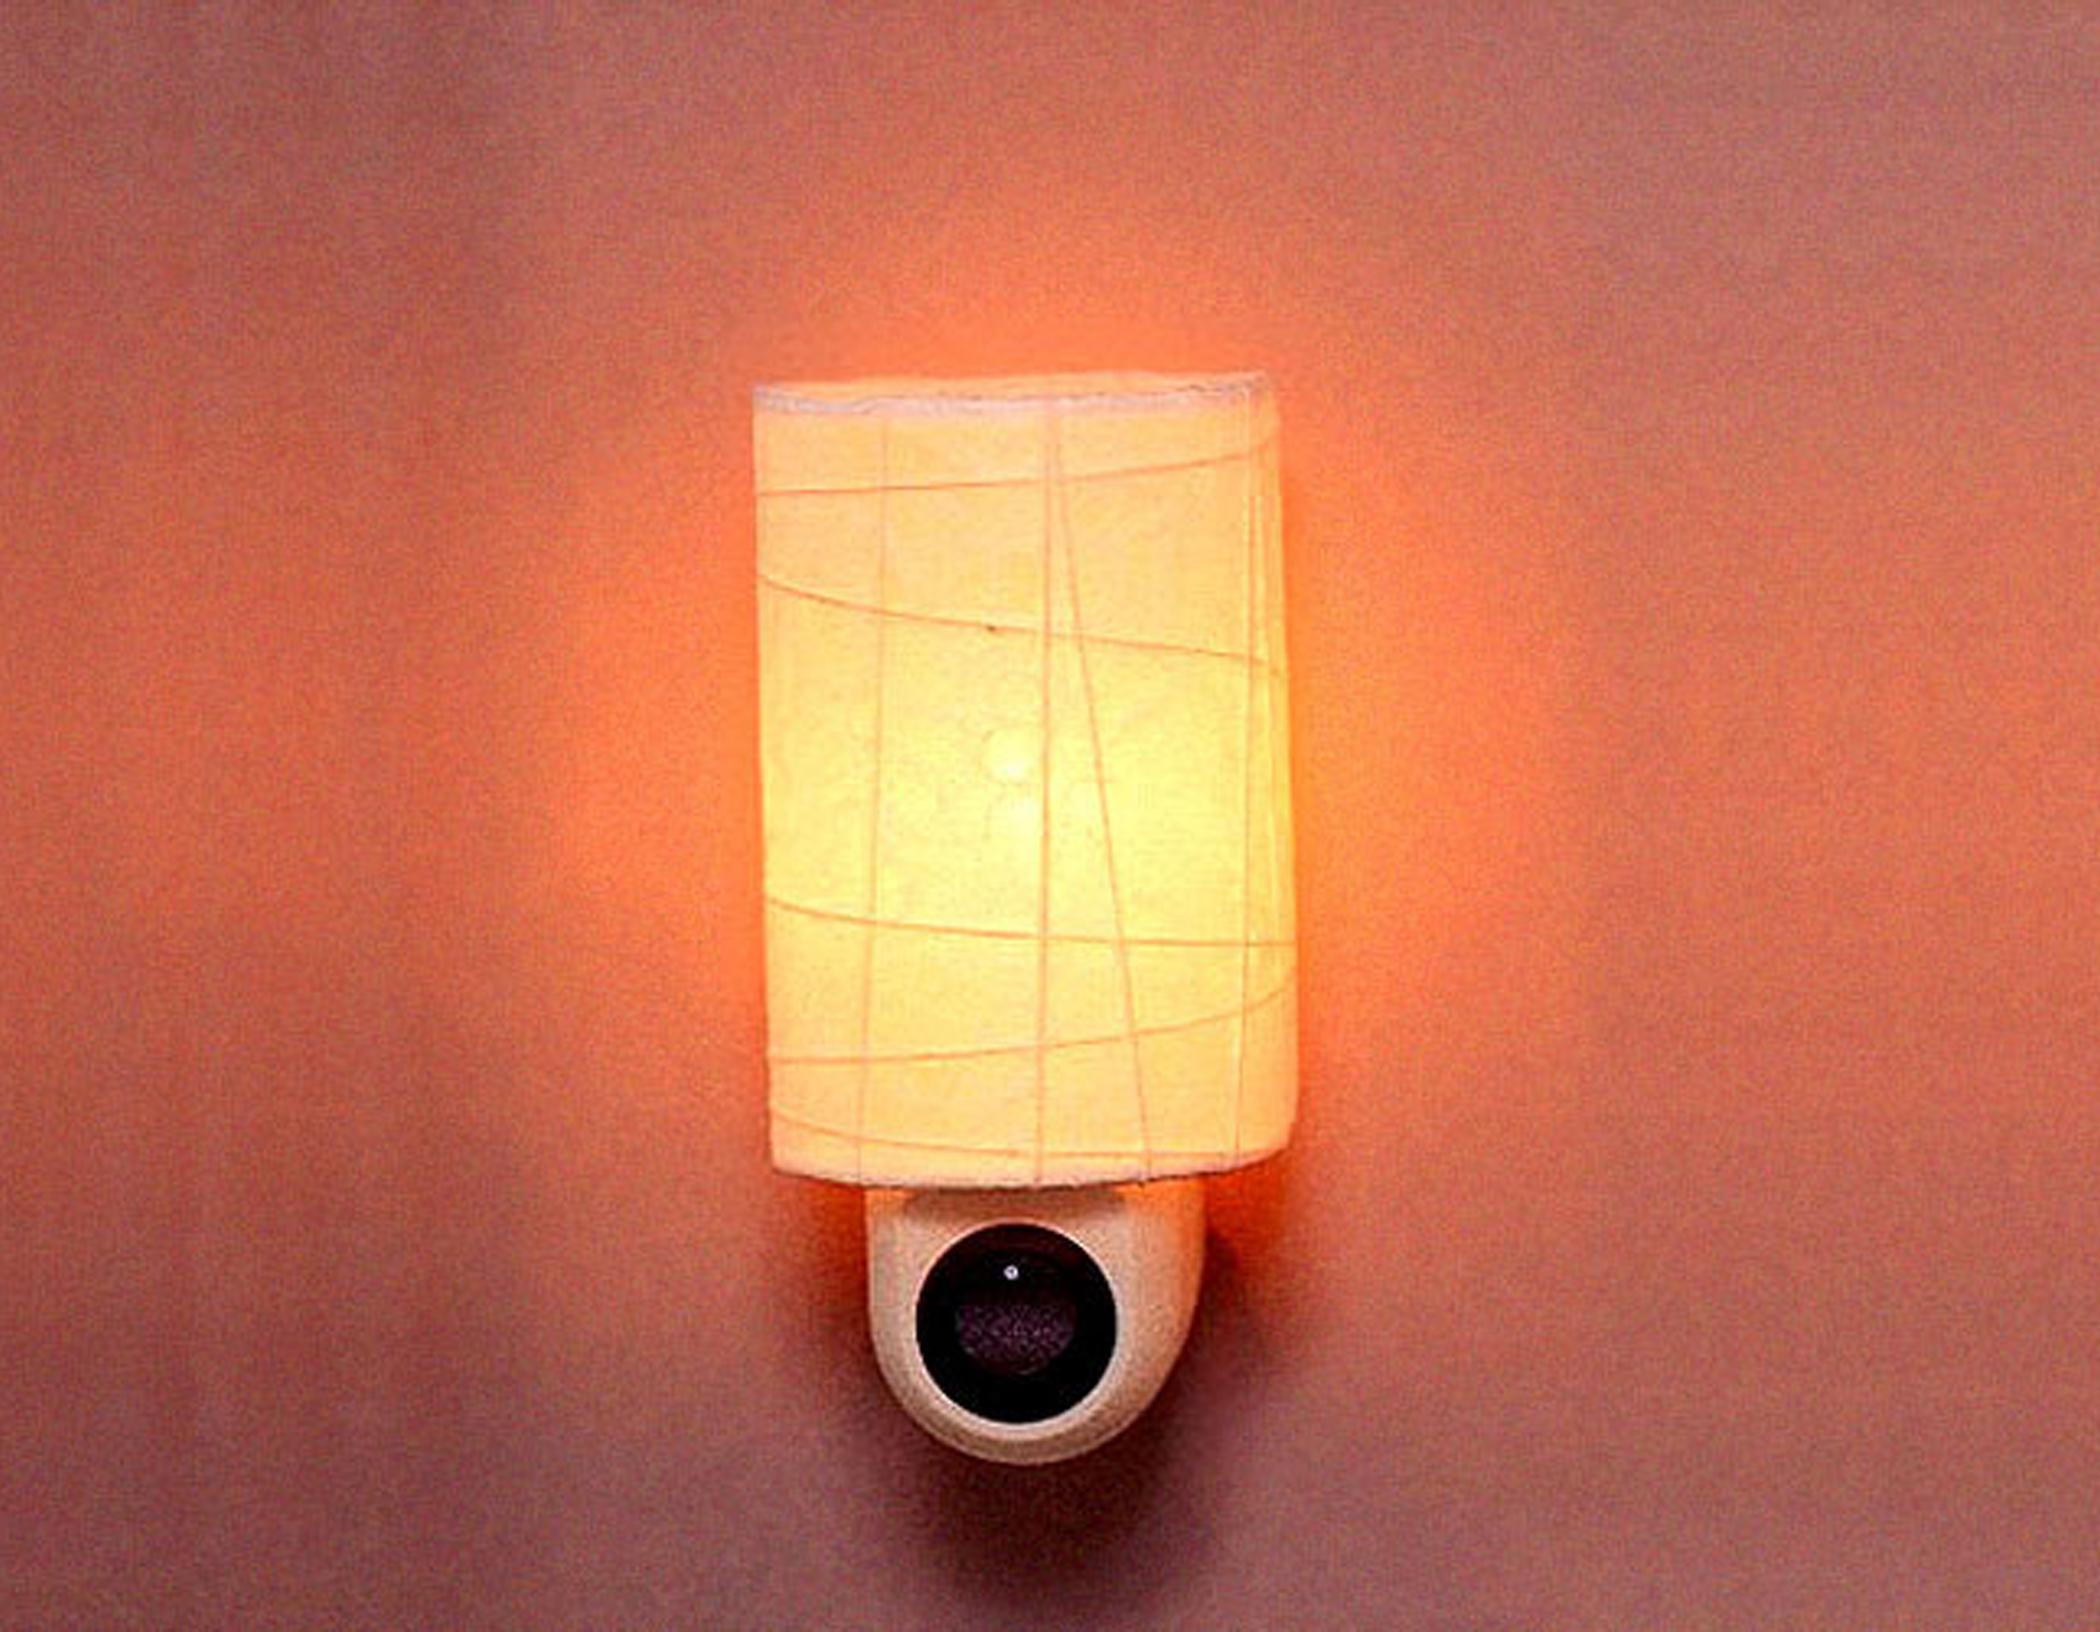 Яркий свет не мешает сну только в дневное время суток